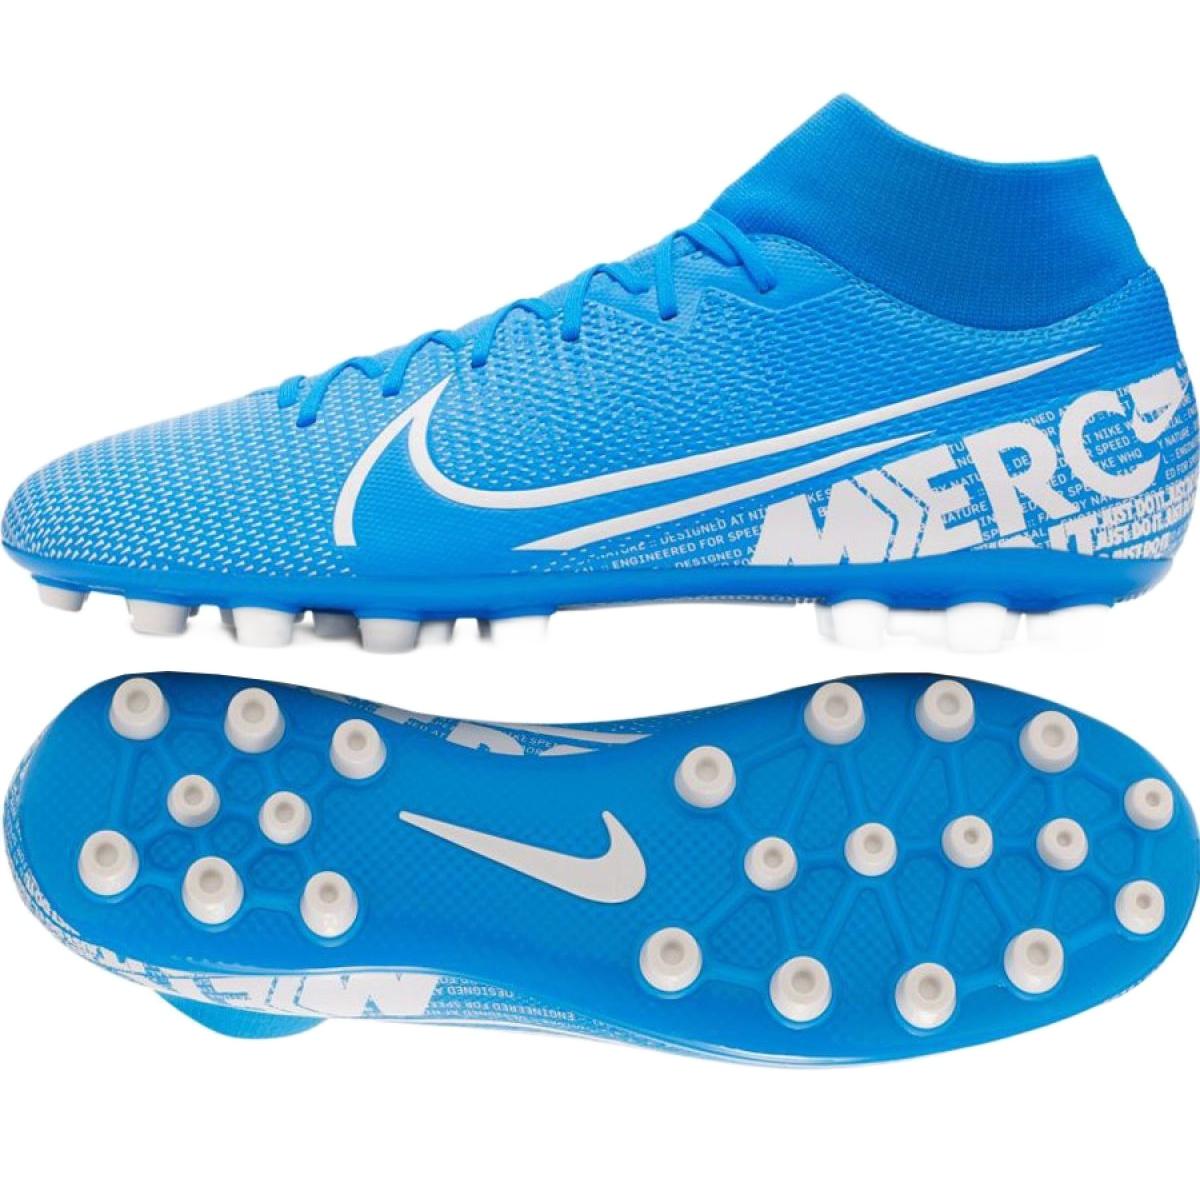 Sapatilhas Nike Mercurial Superfly 7 Academia Ag M BQ5424 414 azul azul